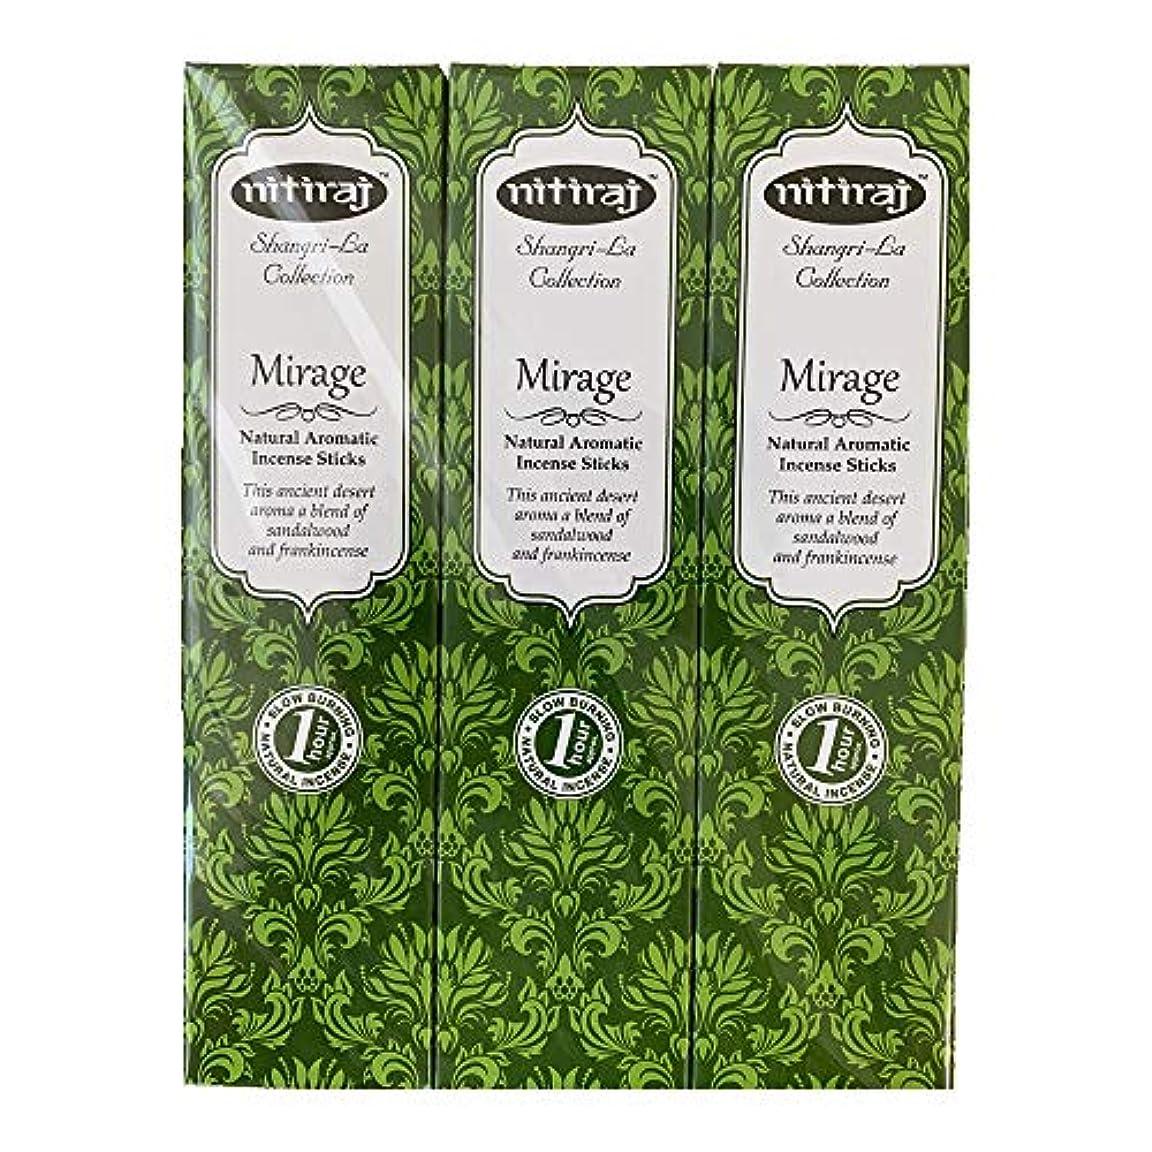 オプショナル引き金オプショナルお香 アロマインセンス Nitiraj(ニティラジ)Mirage(蜃気楼) 3箱セット(30本/1箱10本入り)100%天然素材